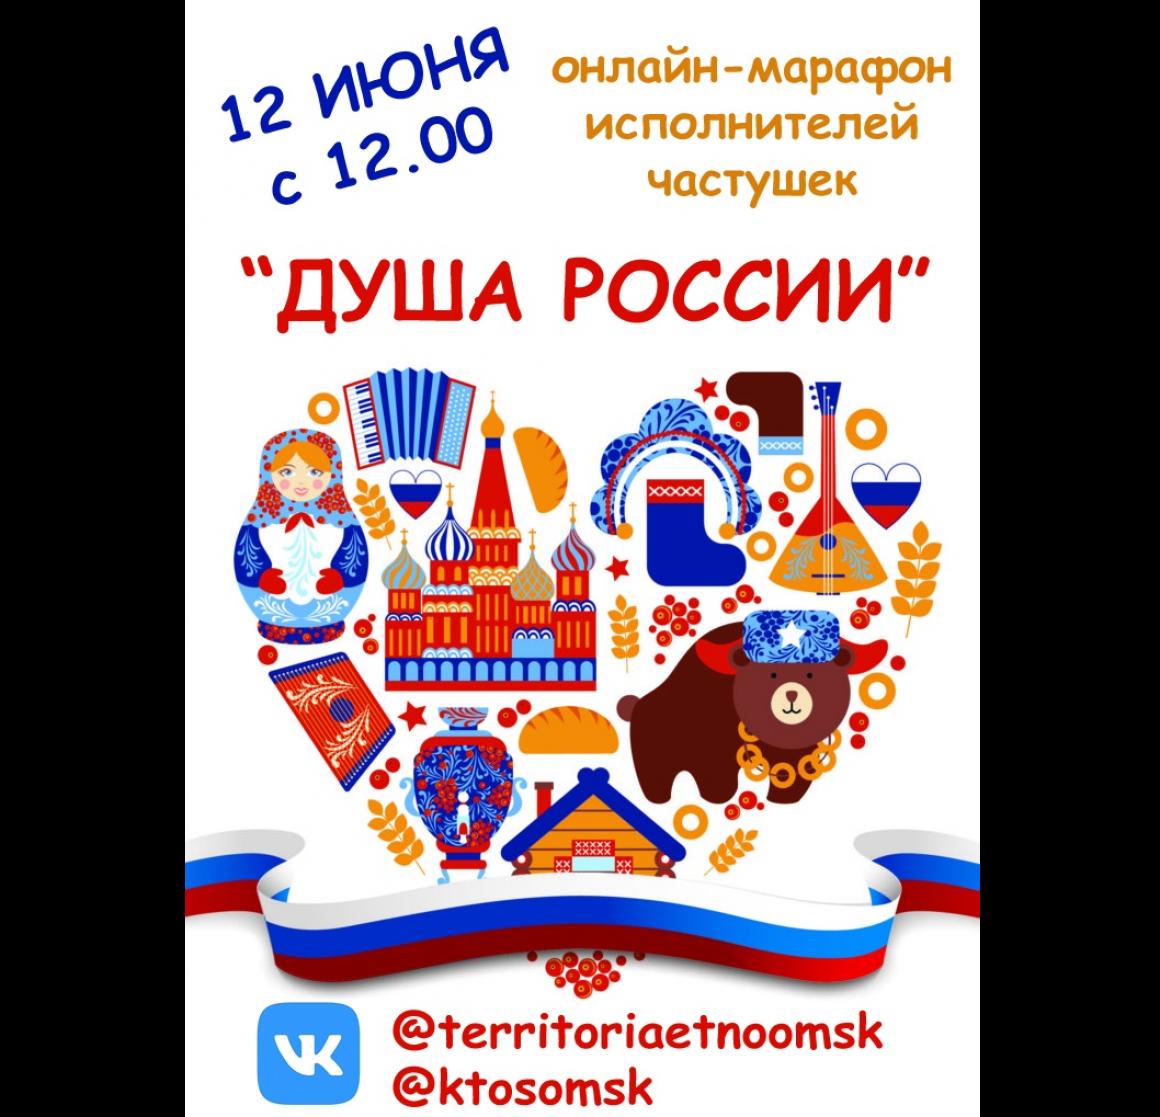 """Онлайн-марафон исполнителей частушек """"Душа России"""""""